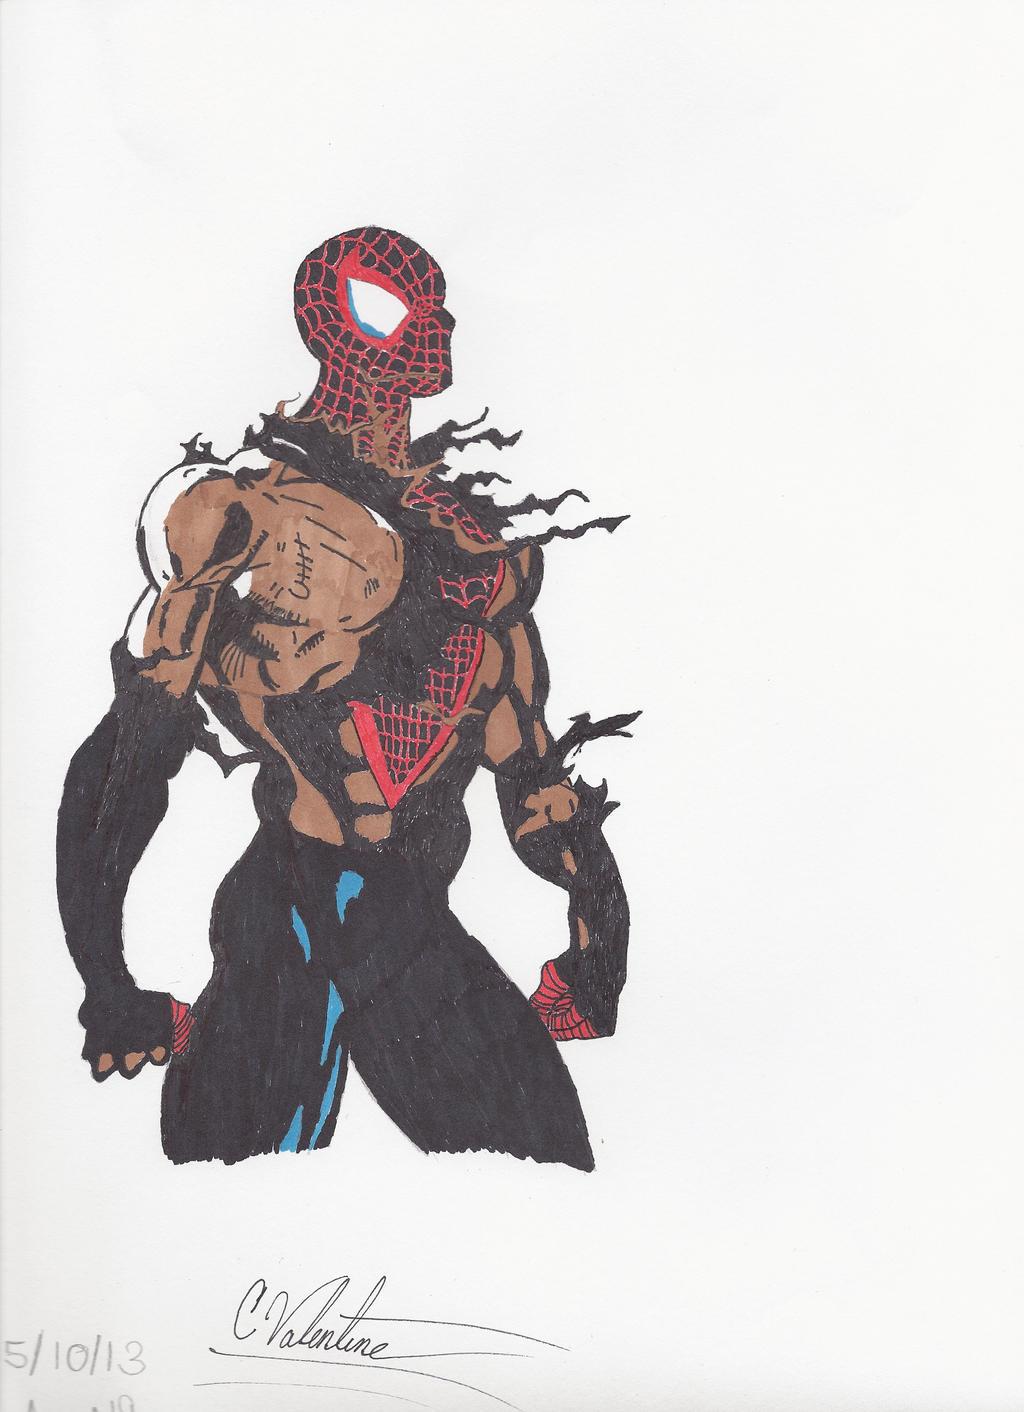 spider man miles morales battle damage by colelightning on deviantart